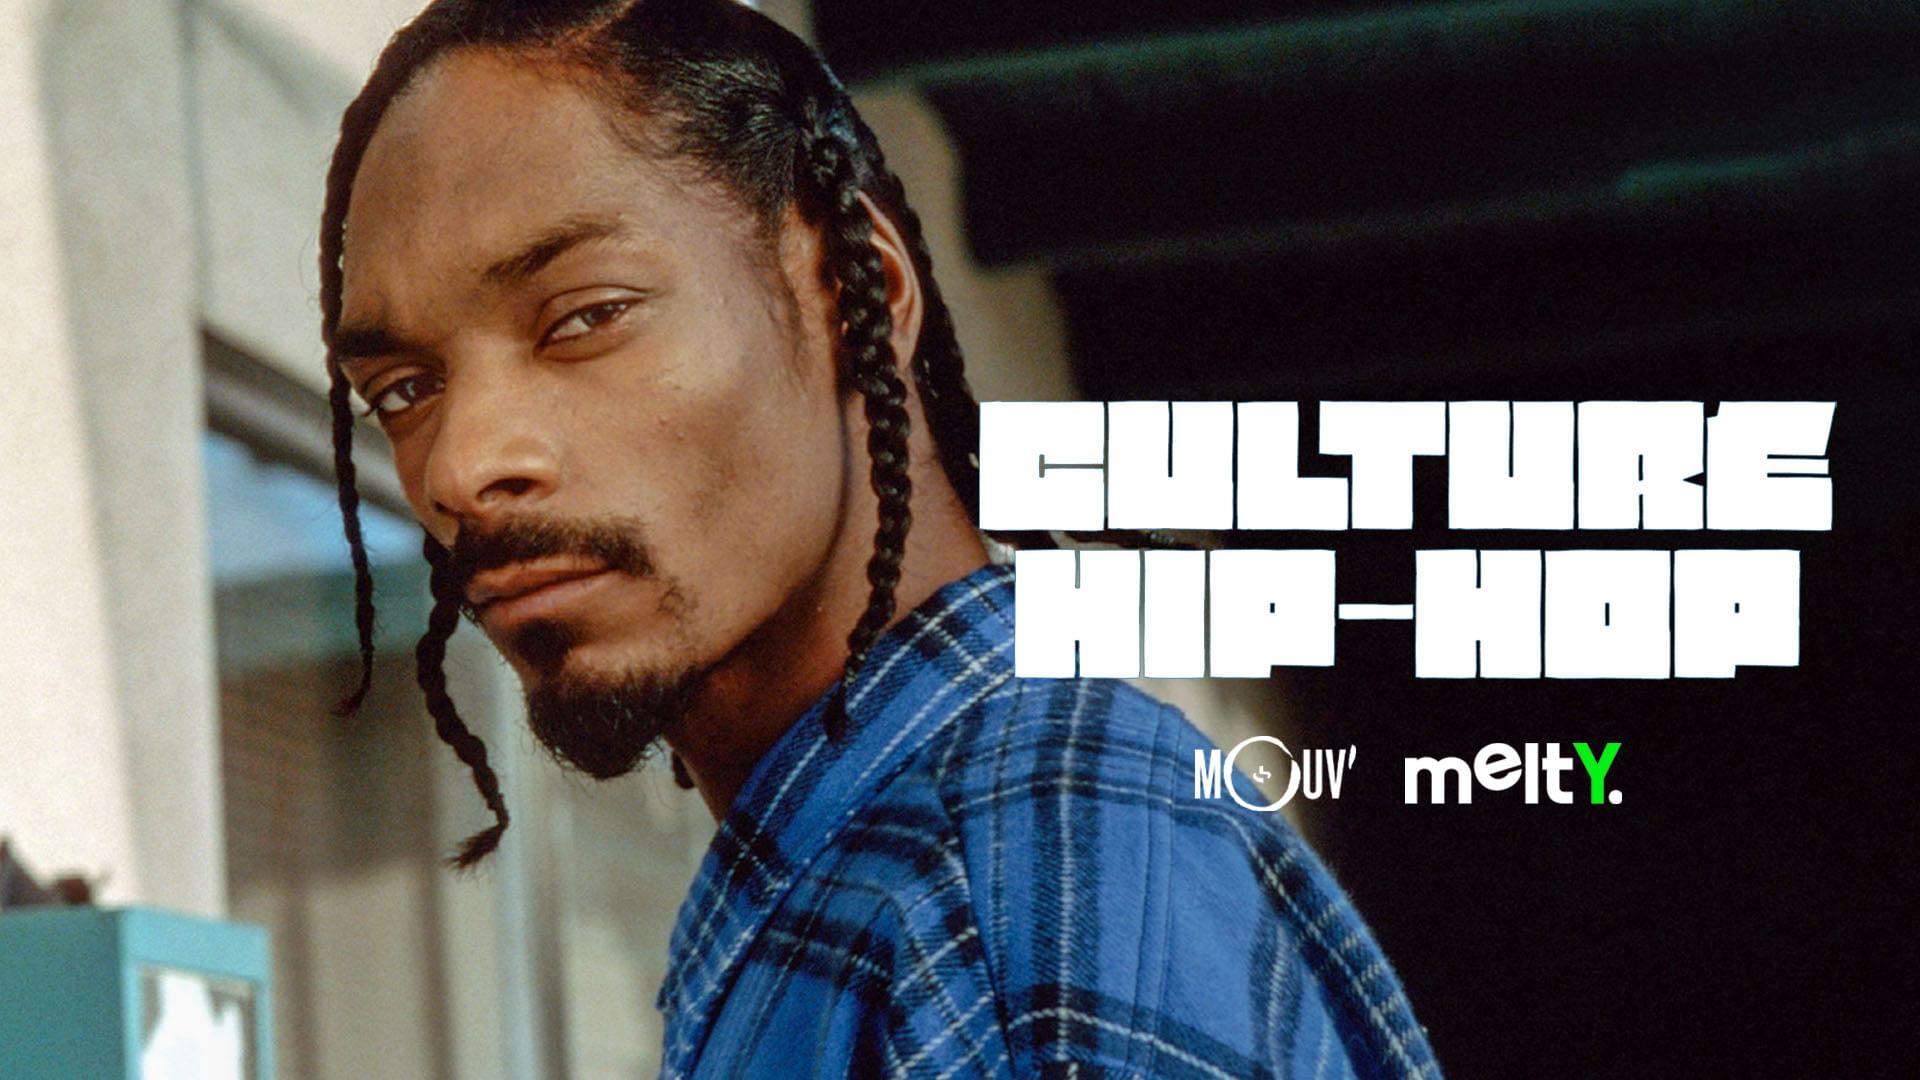 Cultura hiphop